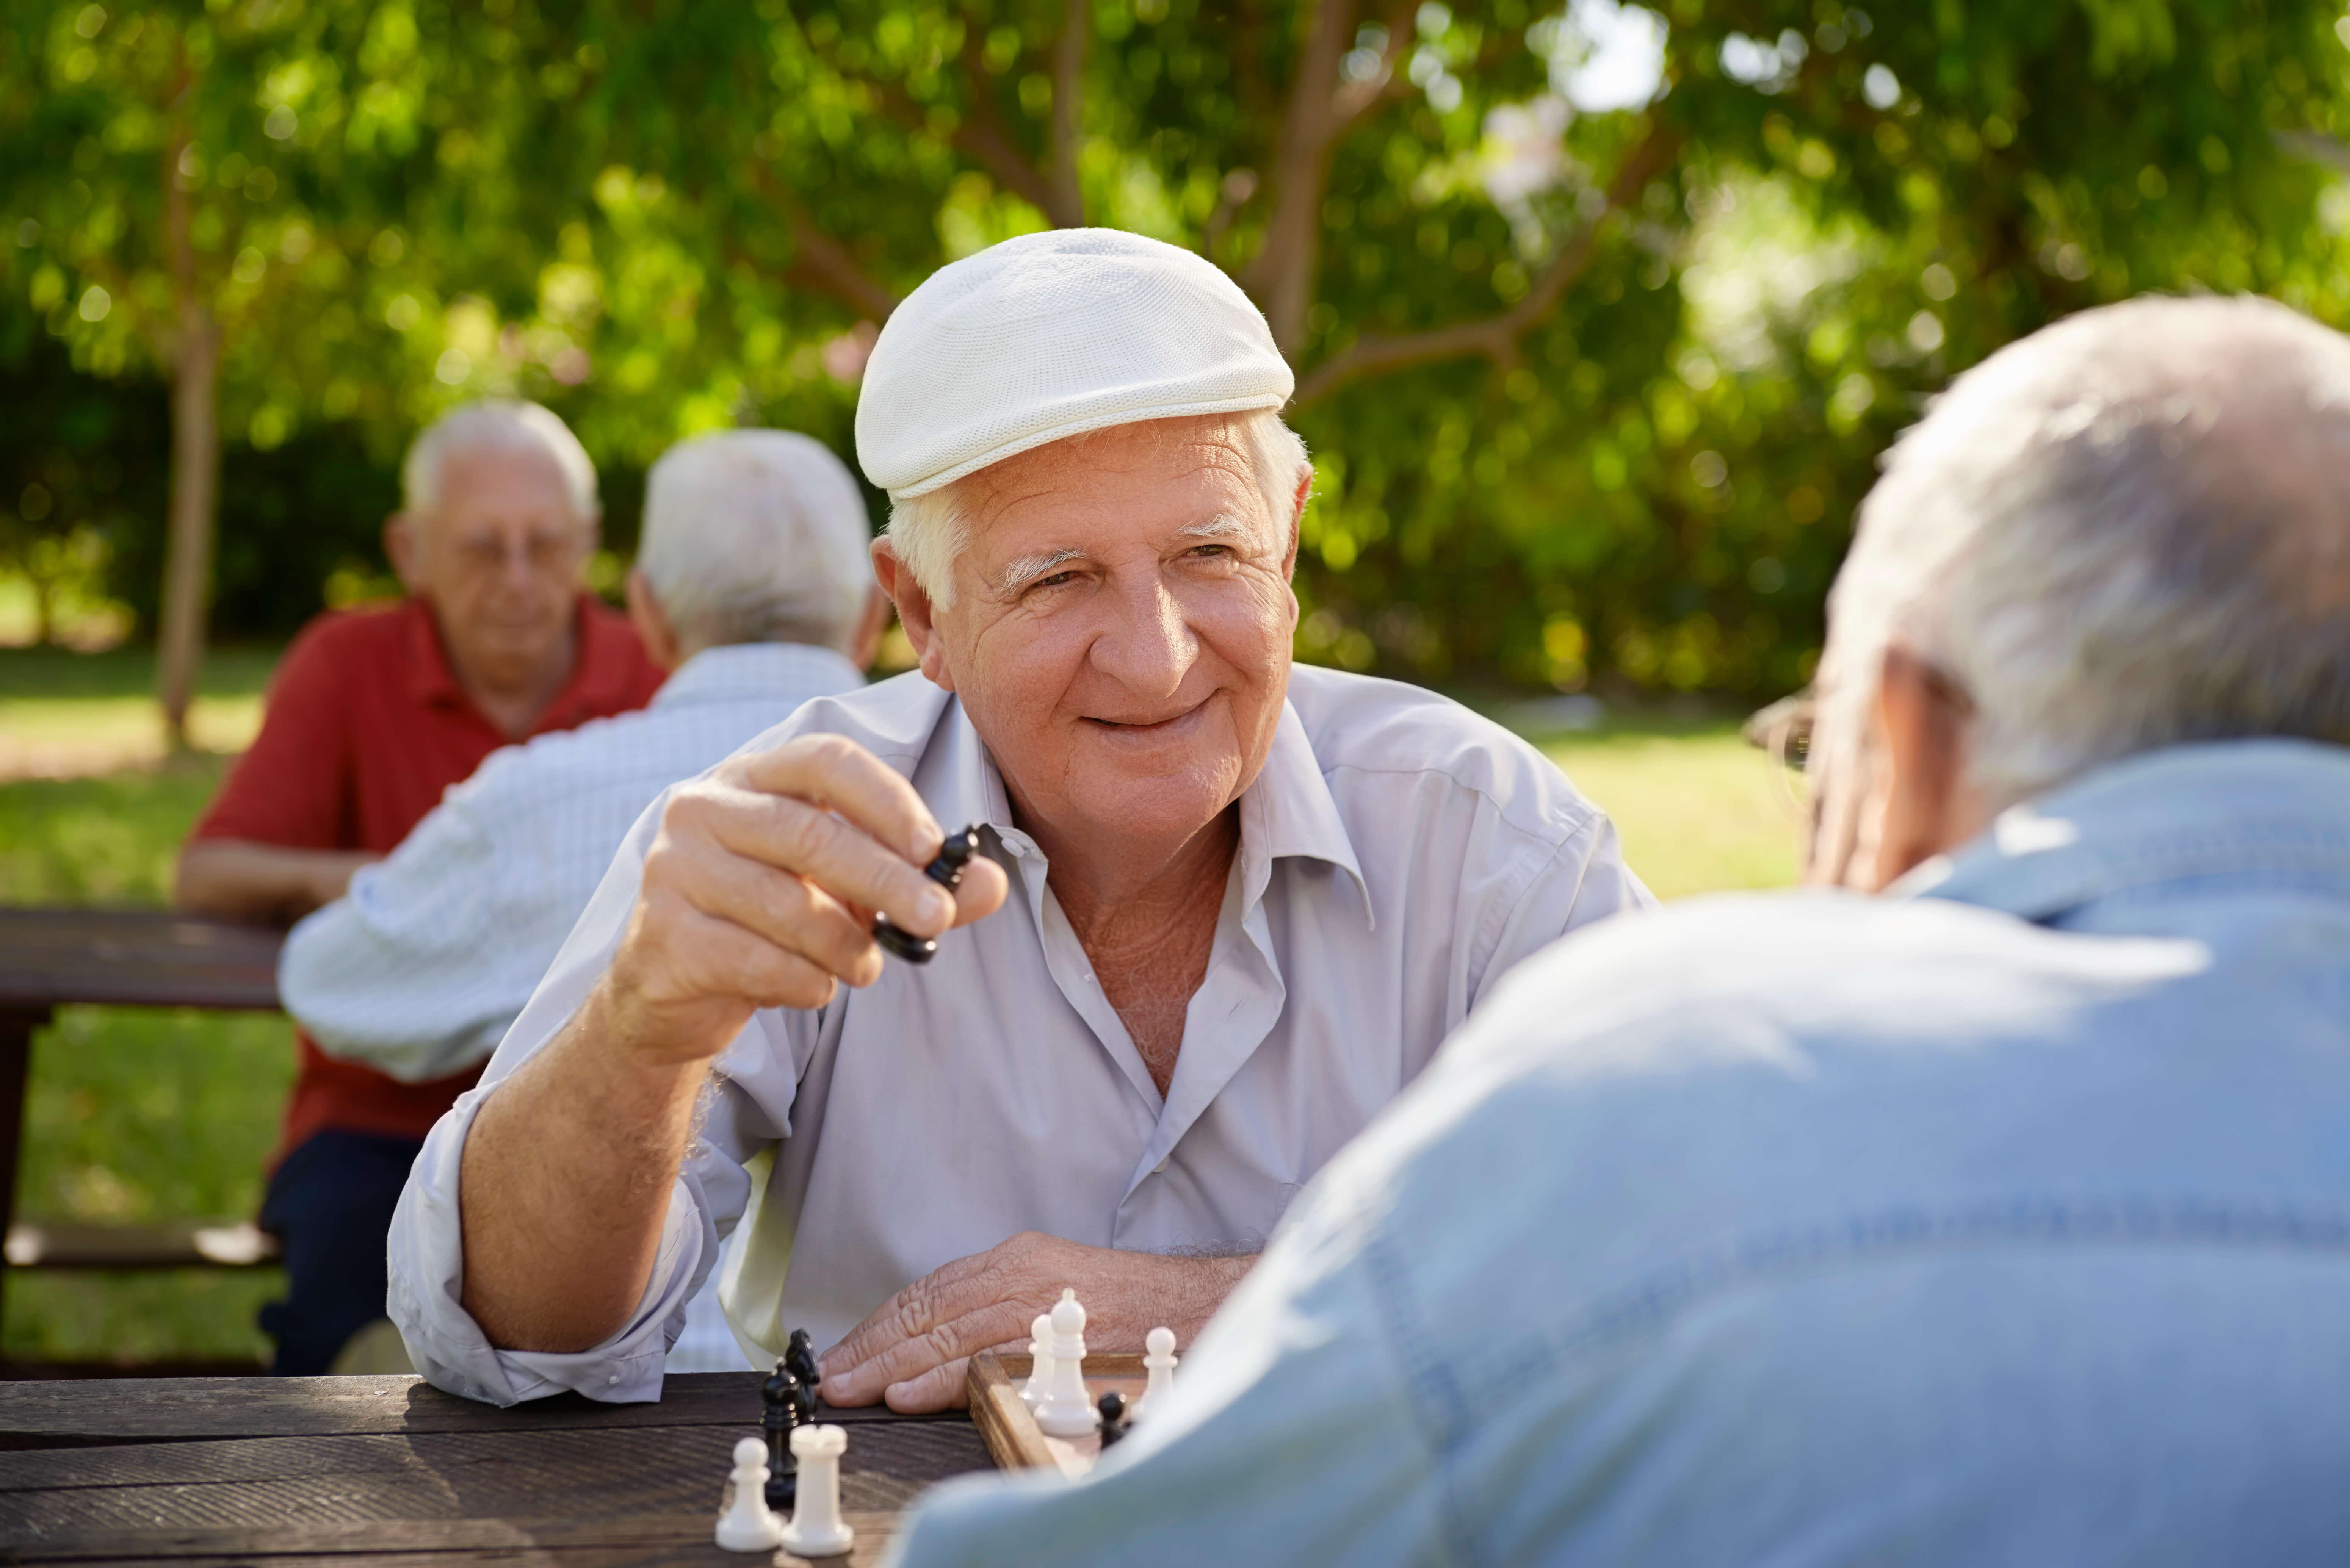 2019.7.16 英語ニュース記事:アメリカ人の退職に対する考え方